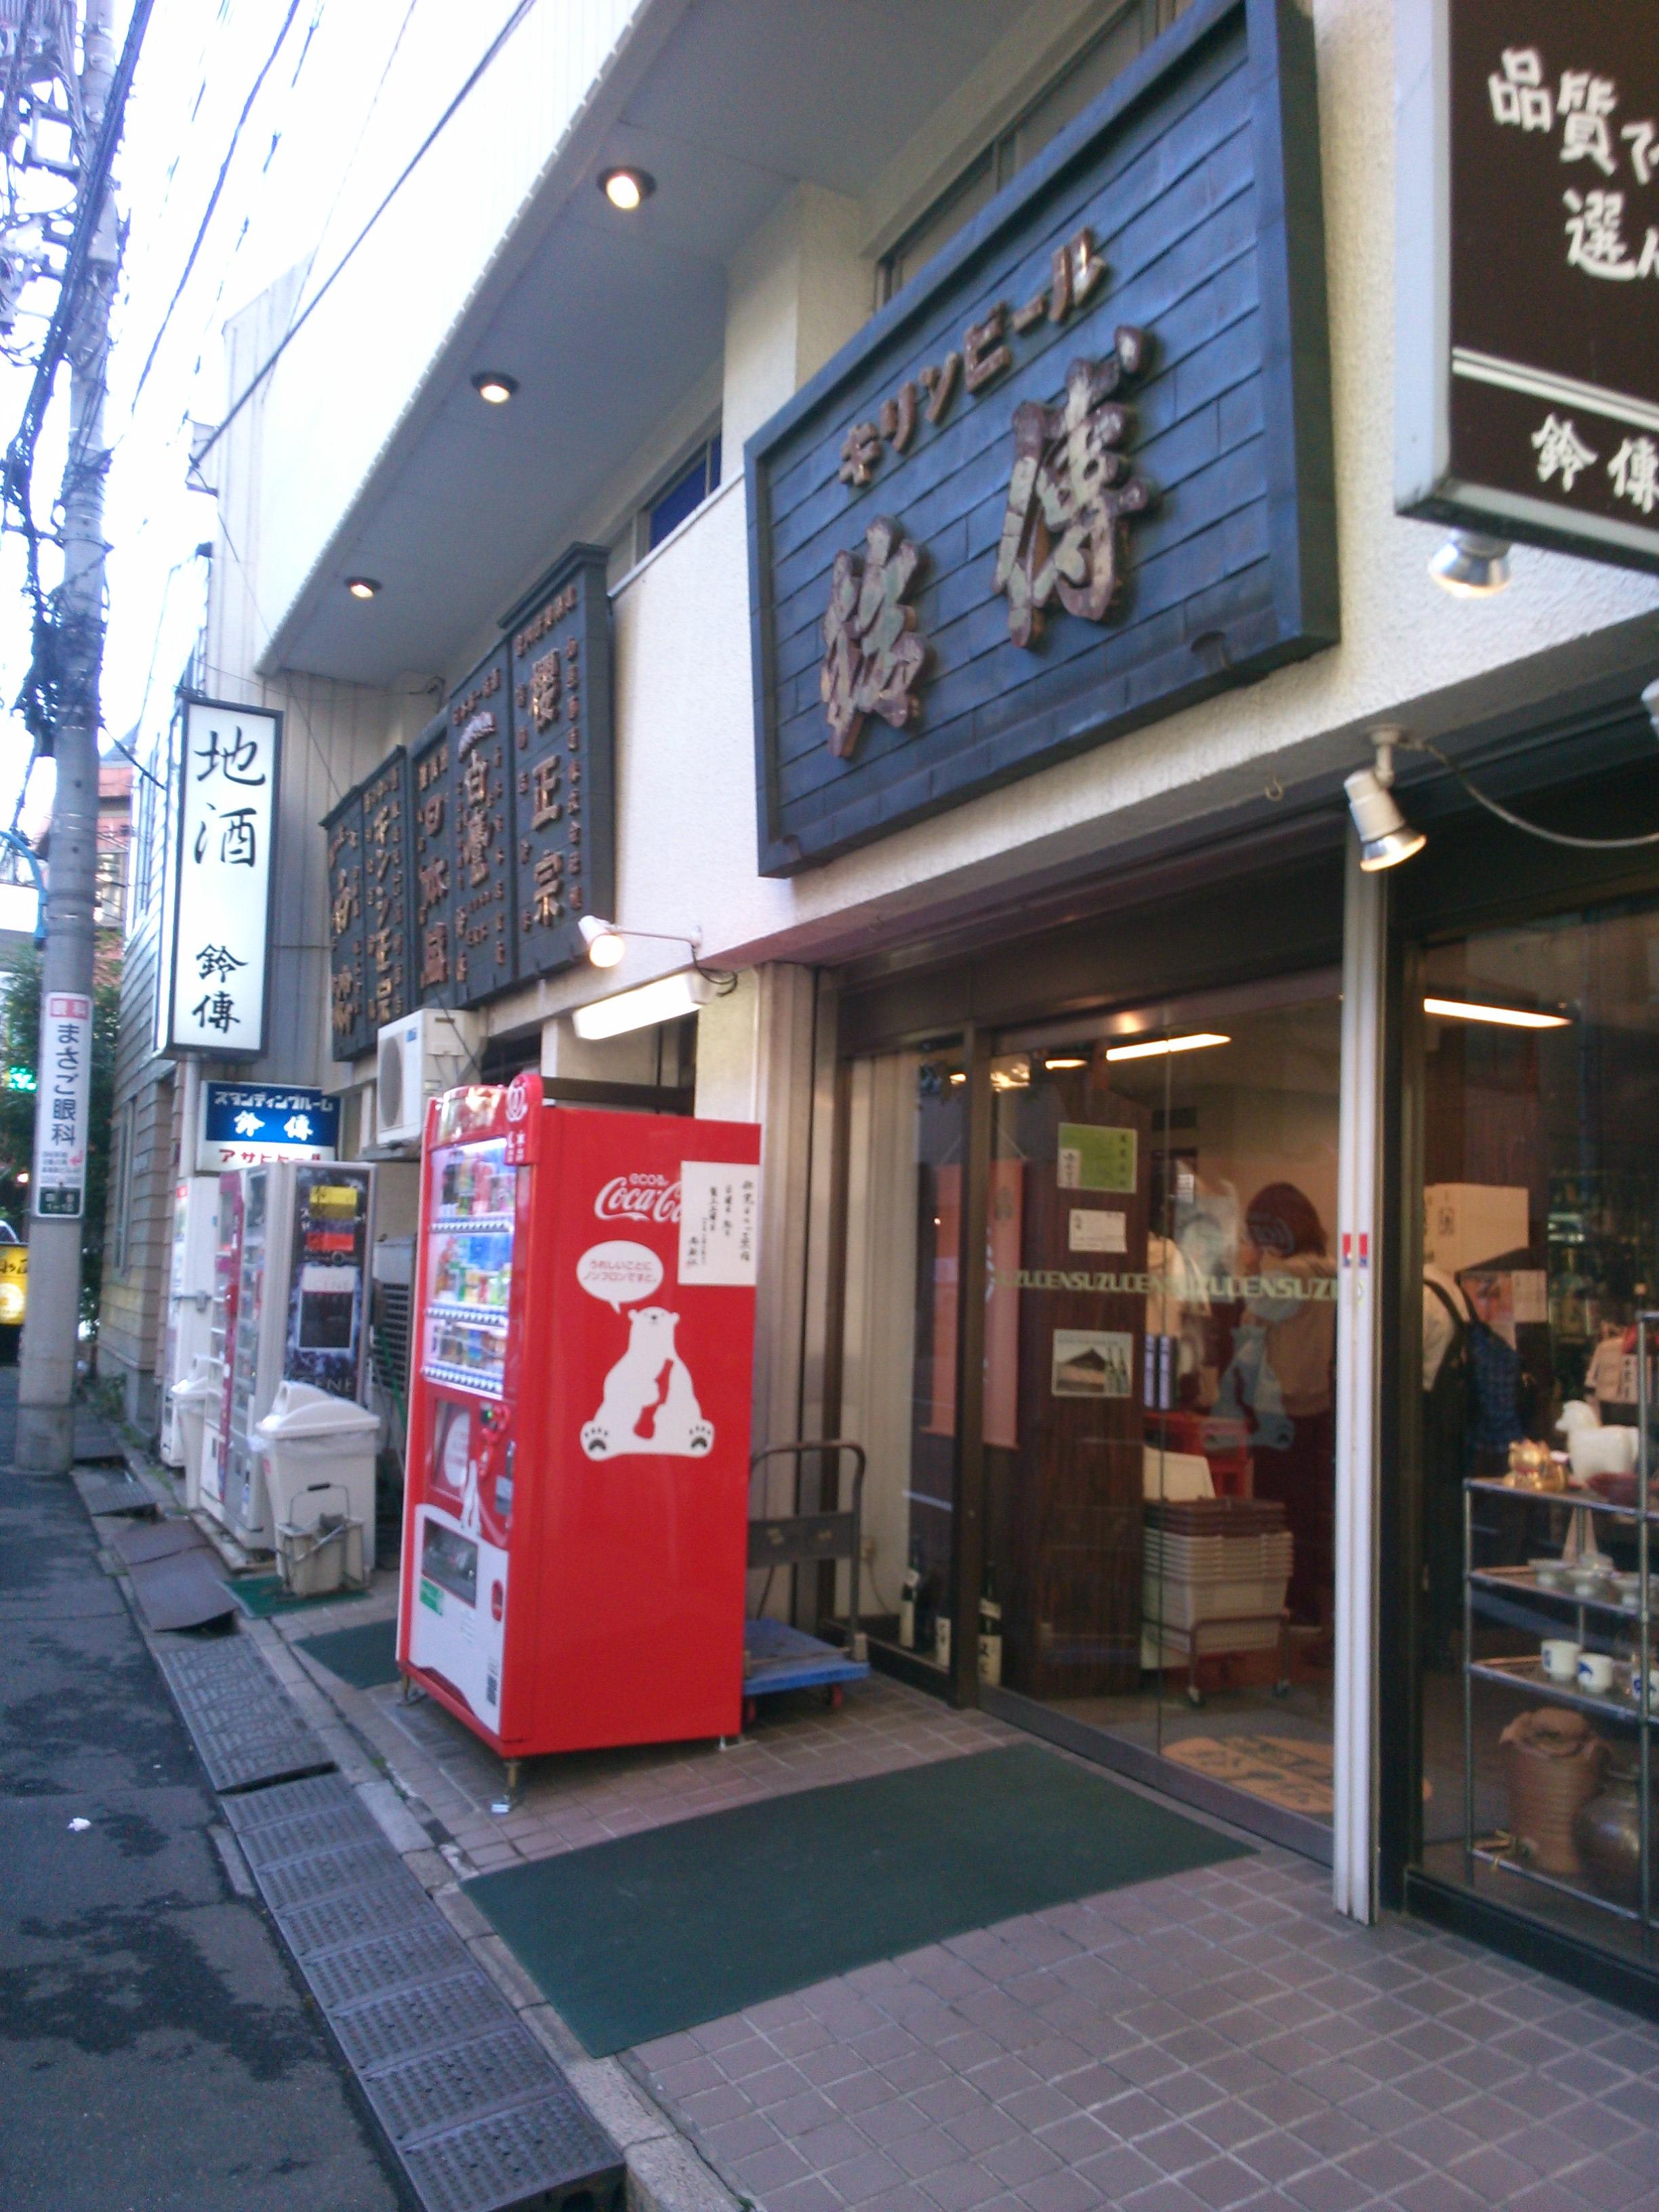 鈴傳(角打ち・四谷) 日本酒の種類の豊富さと買って帰れるのが魅力